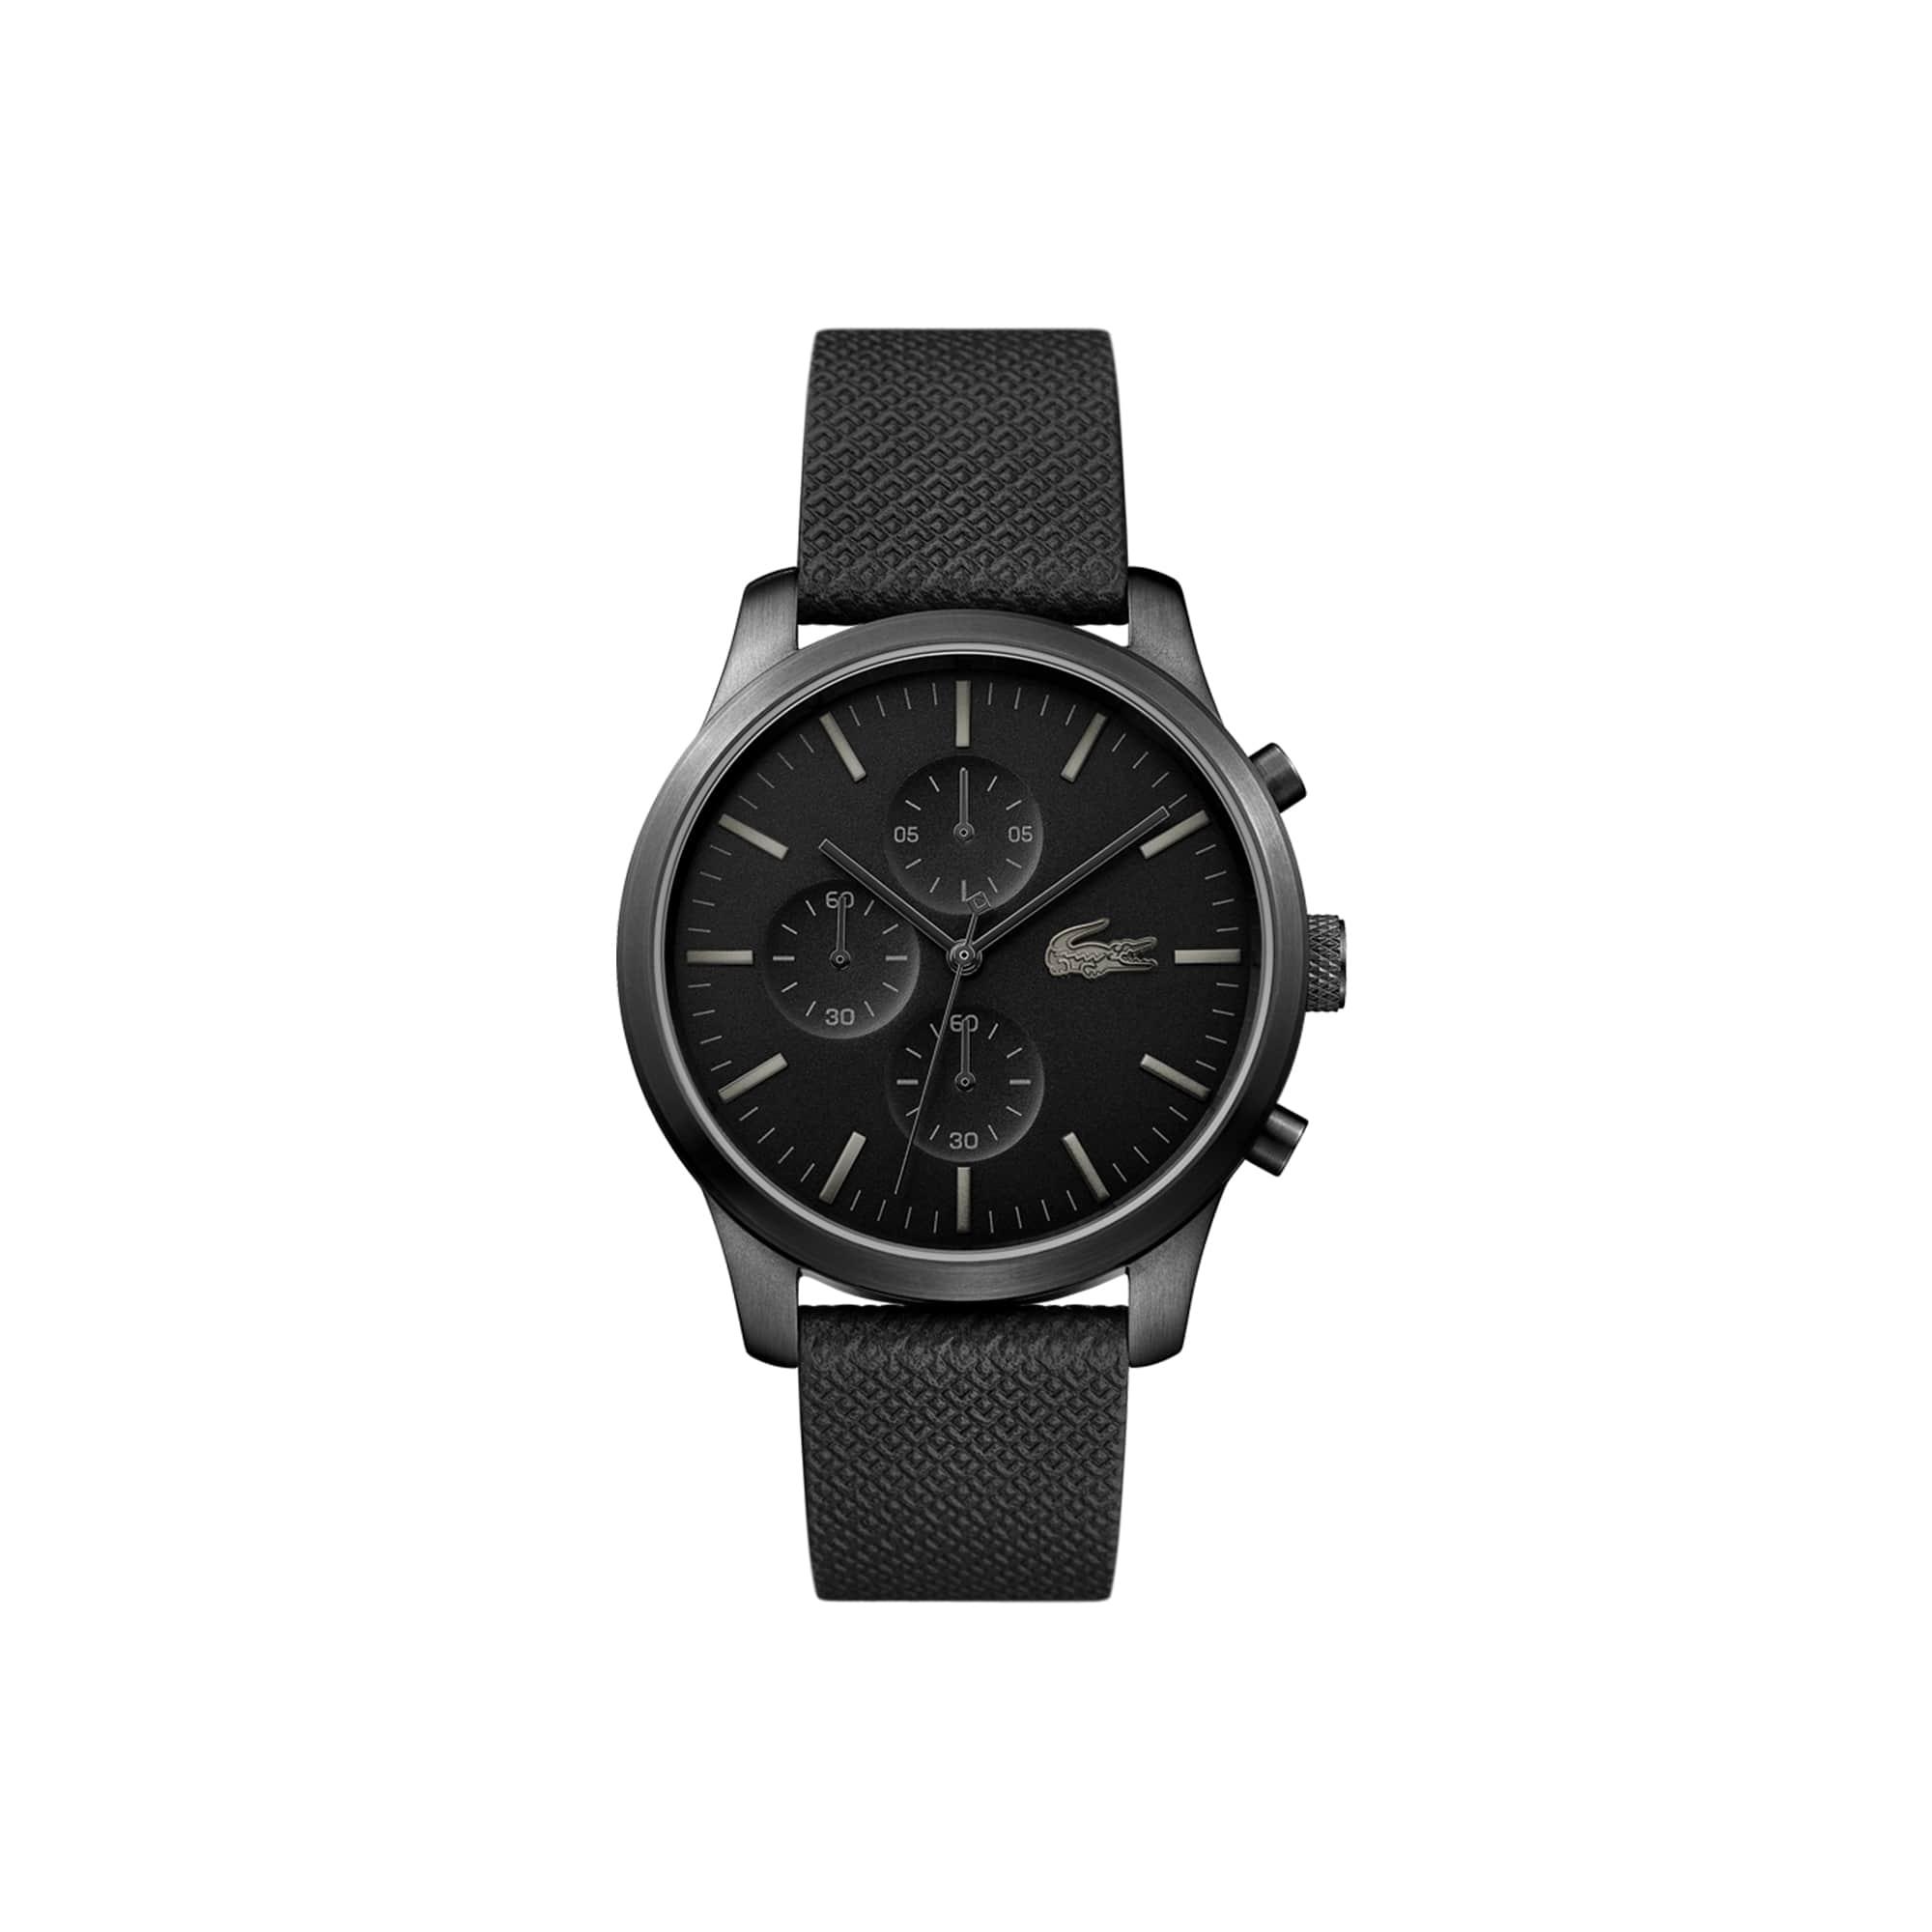 Reloj Lacoste 12.12 edición 85 aniversario, con pulsera de cuero pequeño piqué negro repujado